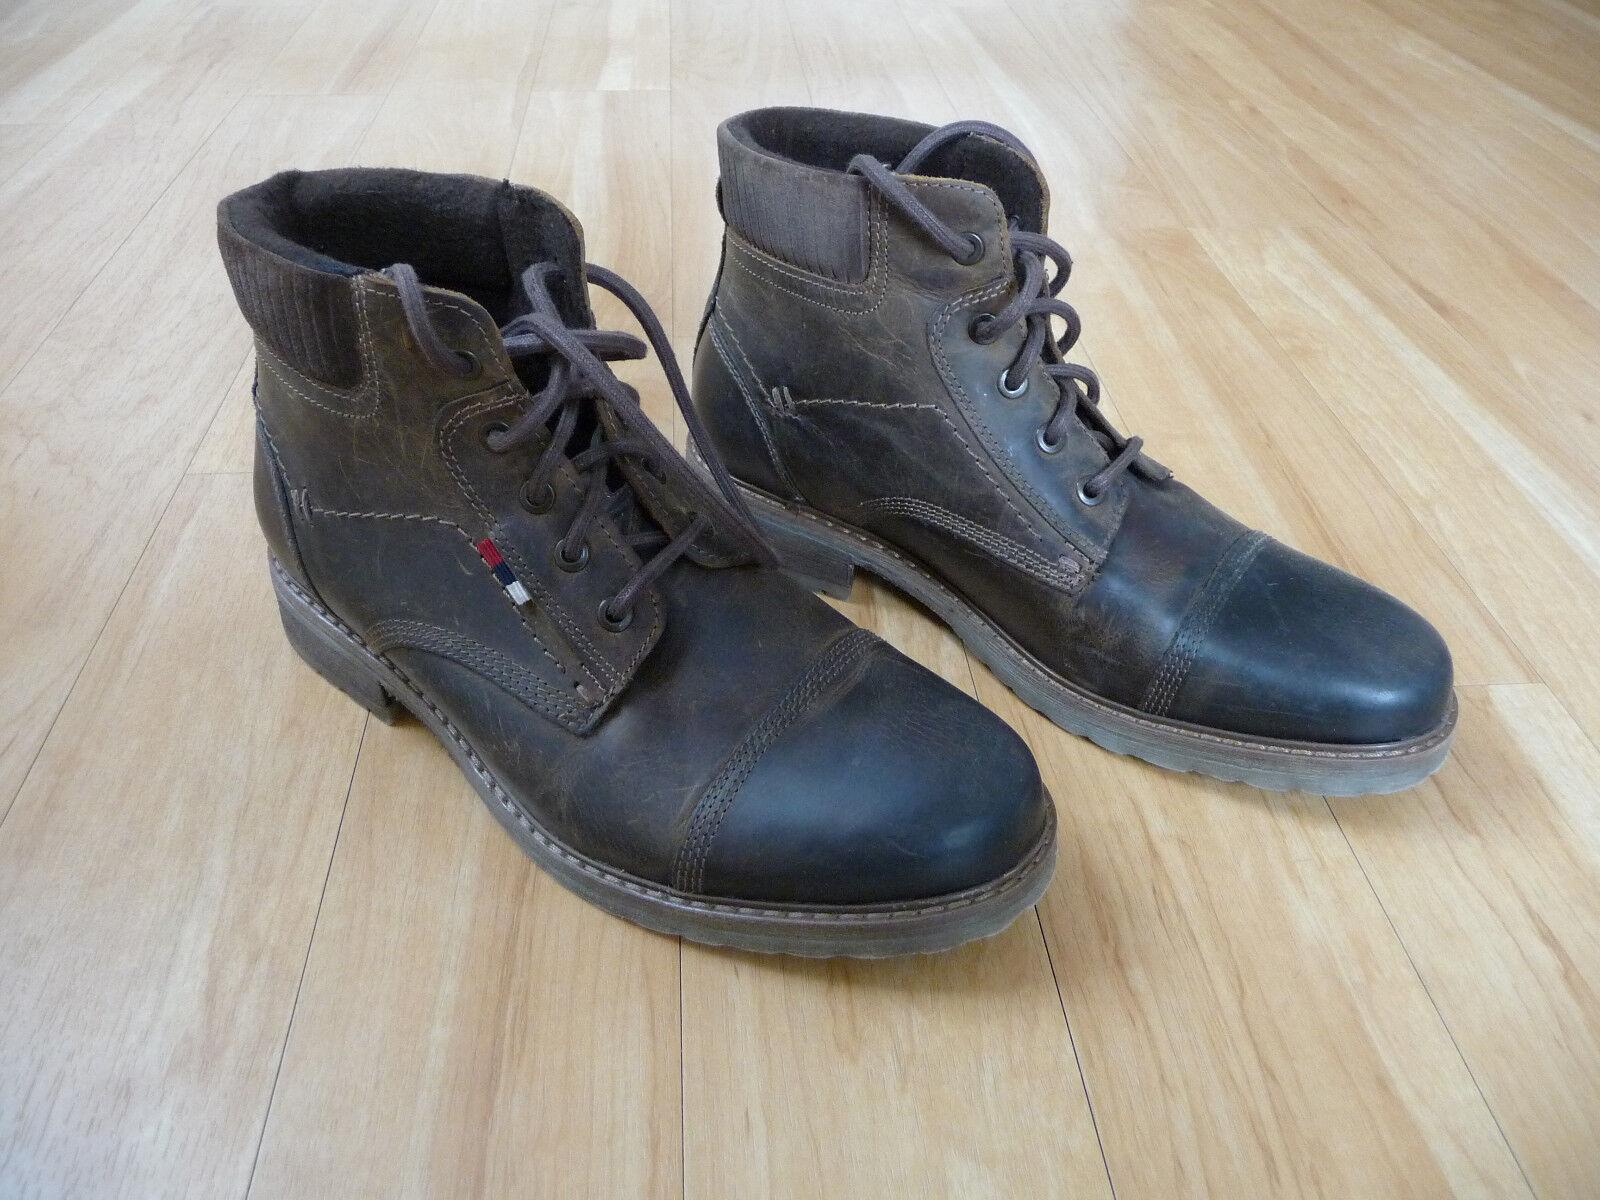 Stiefel Boots Leder braun Herren Maximo Größe 41